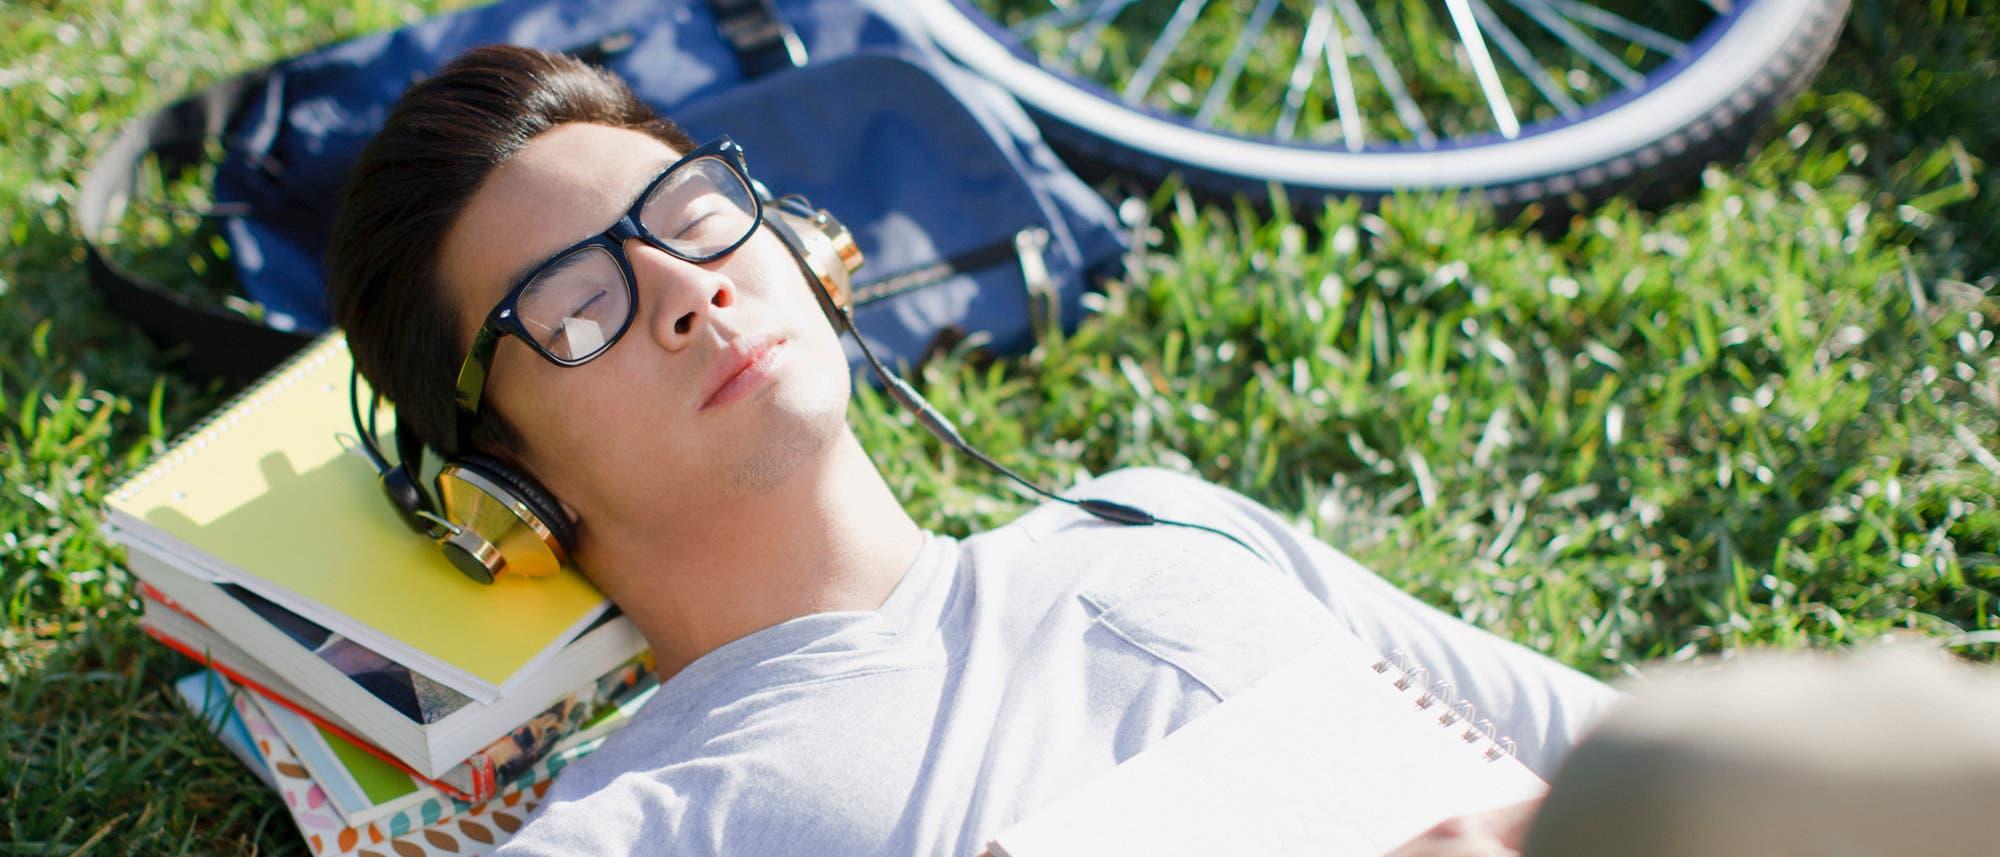 Mann mit Kopfhörern döst auf dem Rasen